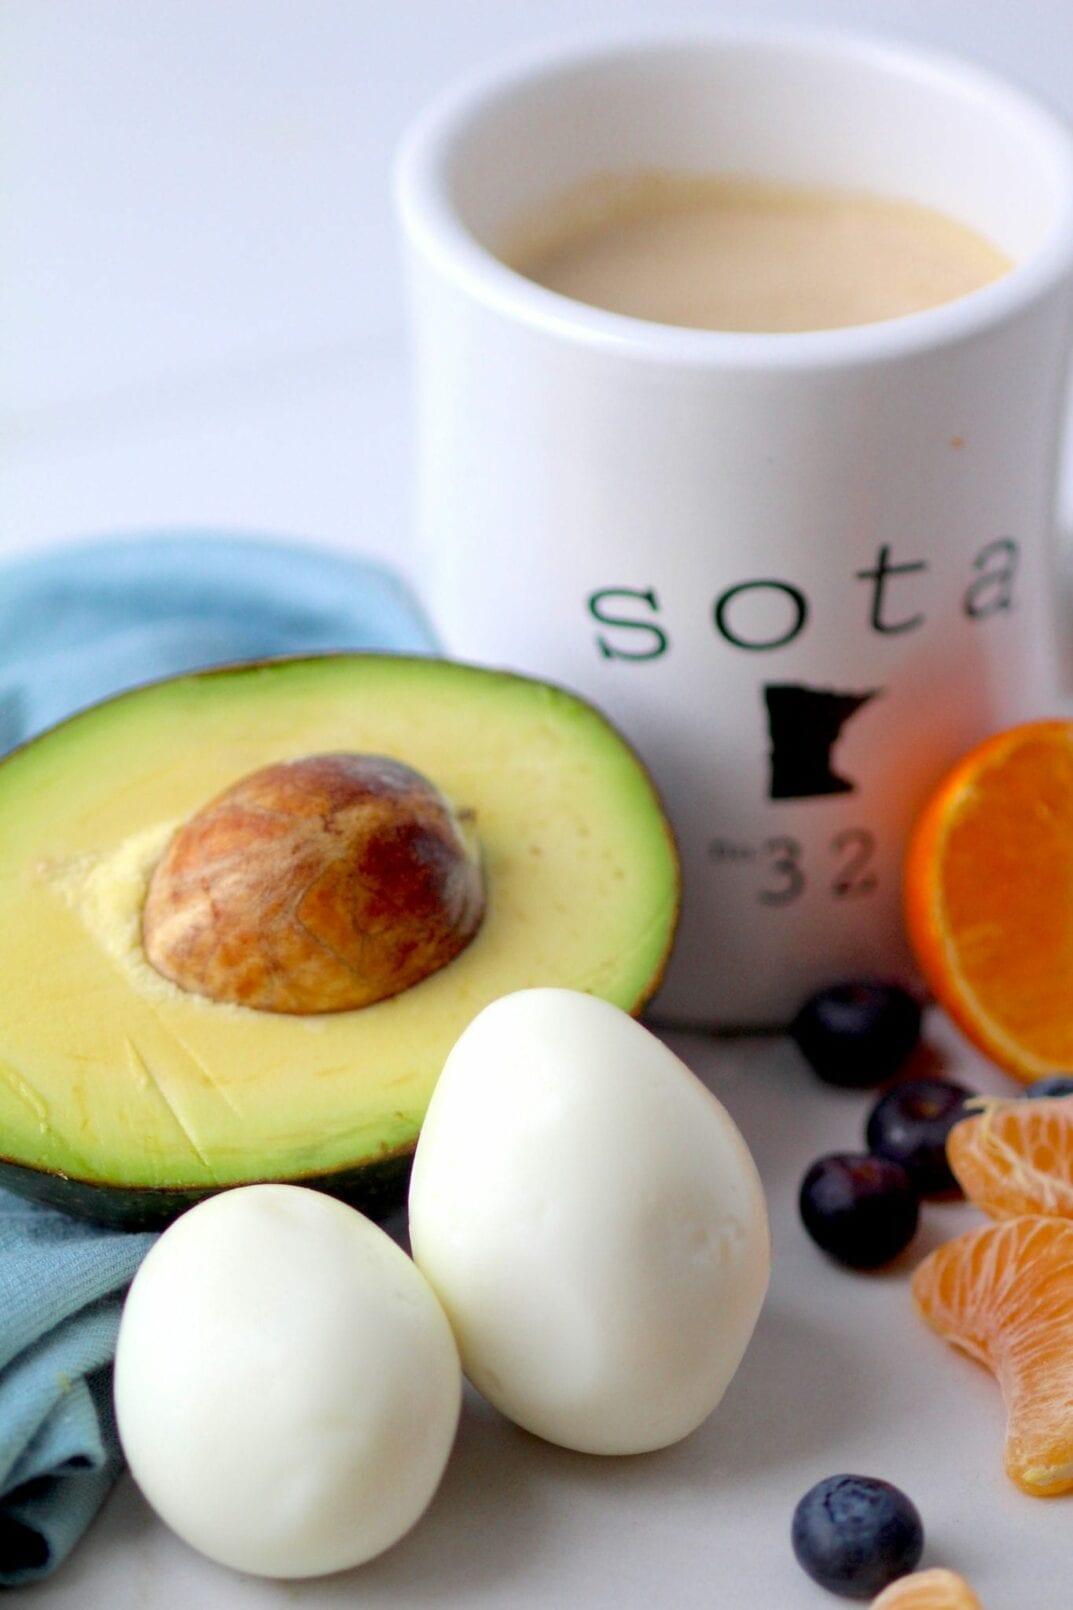 Avocado + Eggs To Go